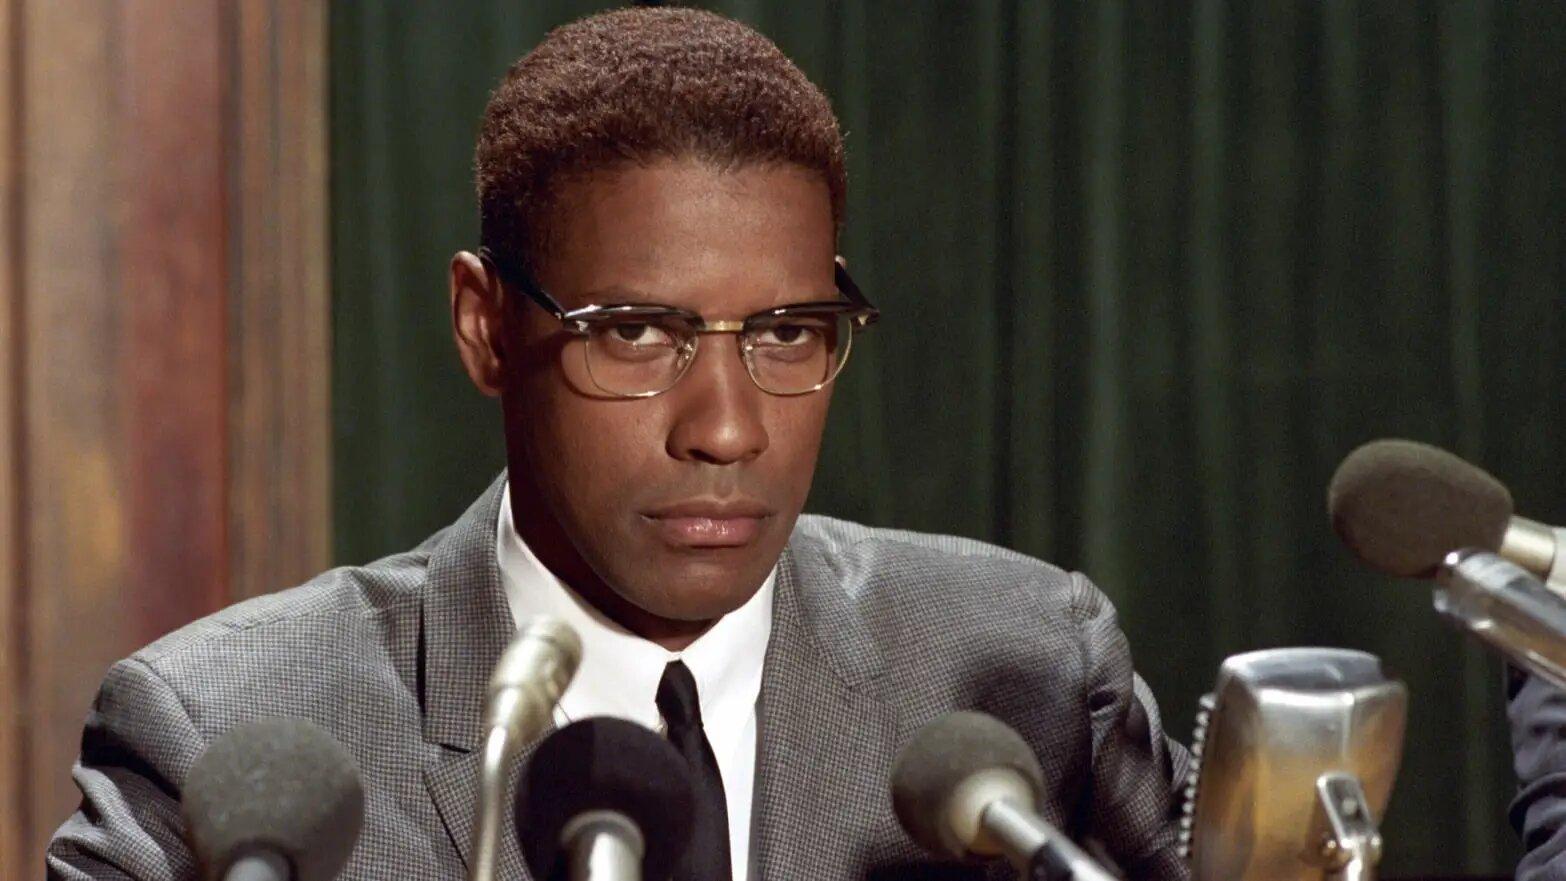 Uno de sus cuatro hijos se llama Malcolm X, como la película que protagonizó en 1992 dirigida por Spike Lee.